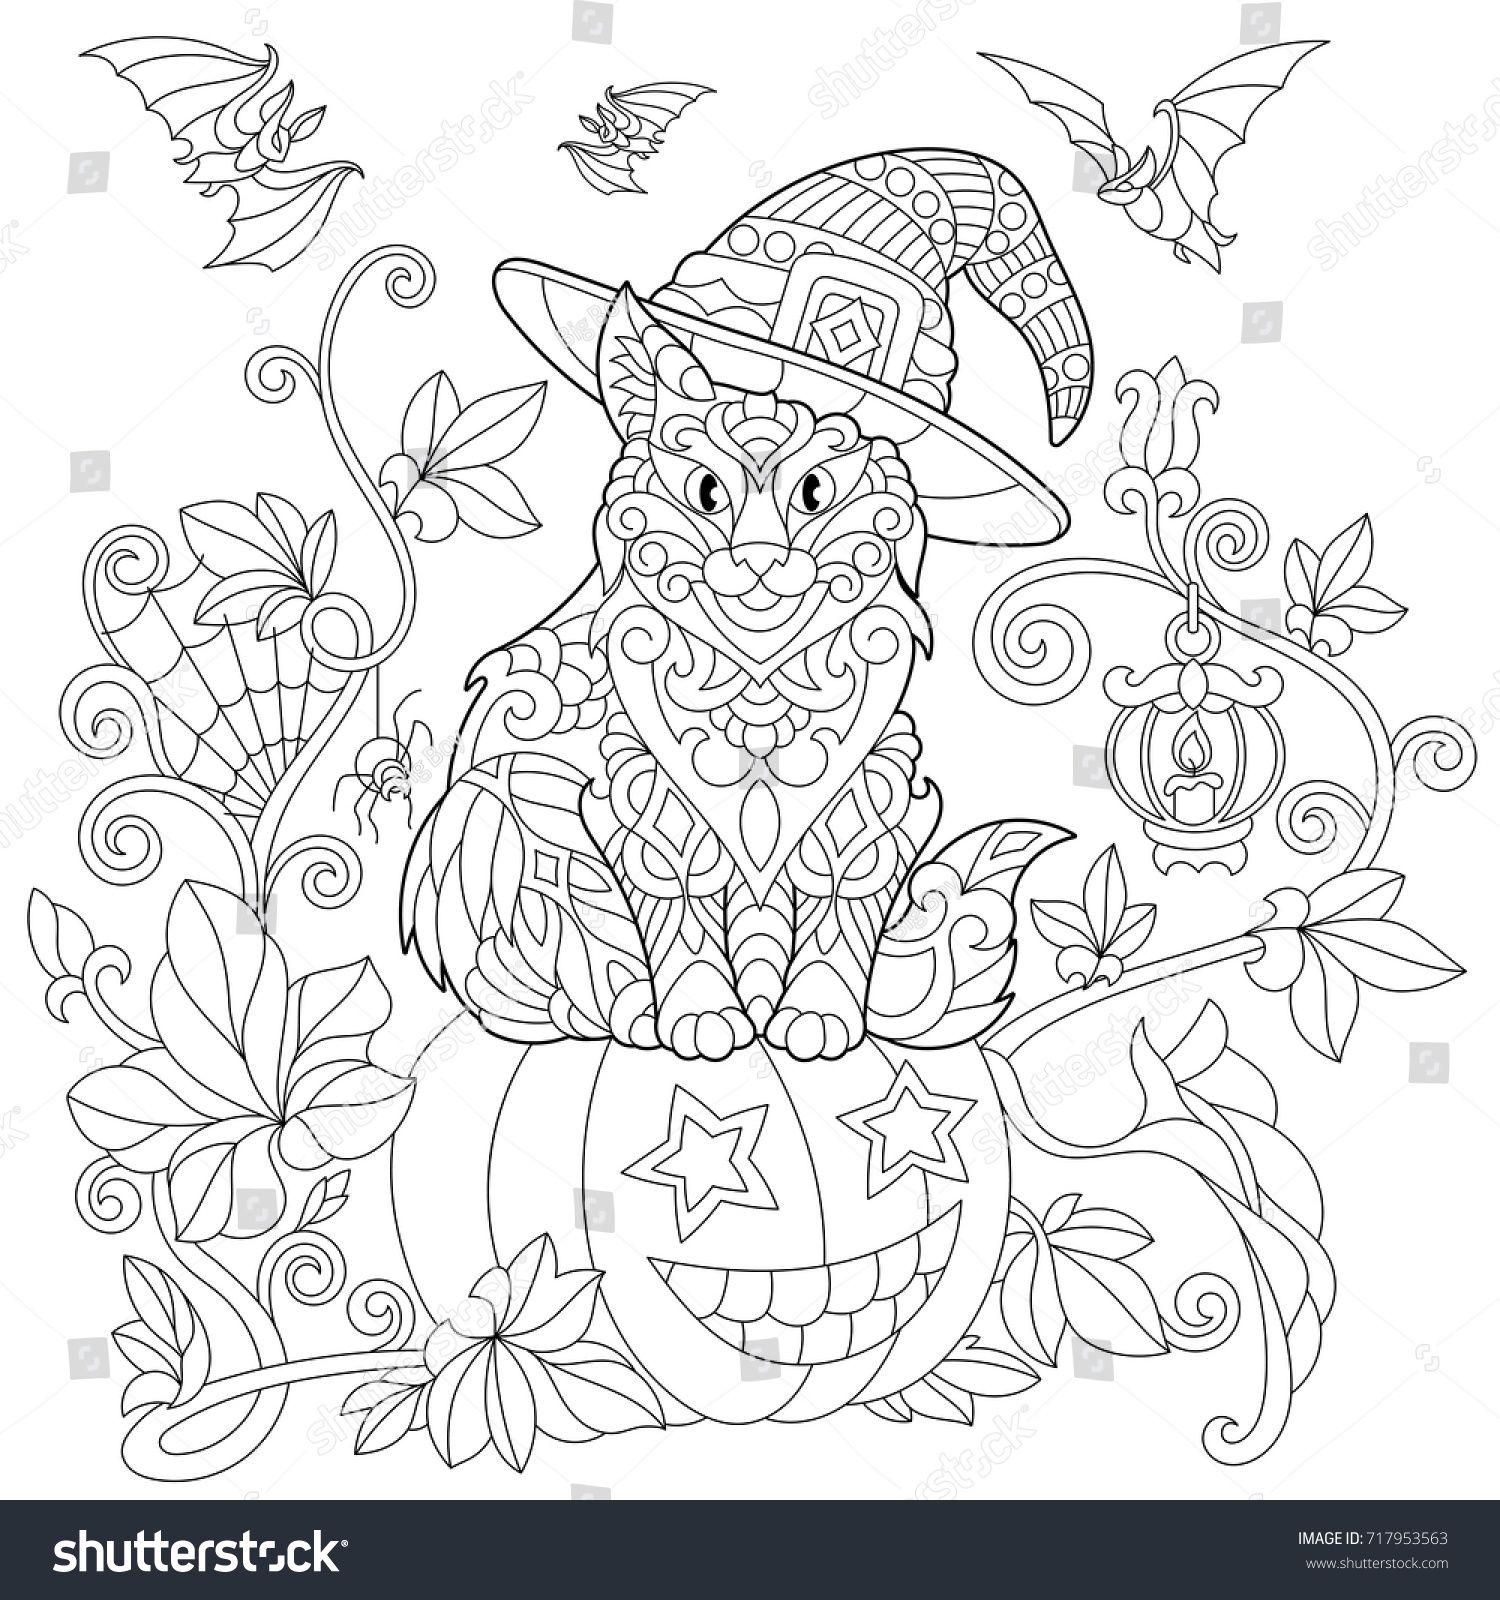 Pin de Amanda Engel en Coloring | Pinterest | Para niños, Cuadro y ...